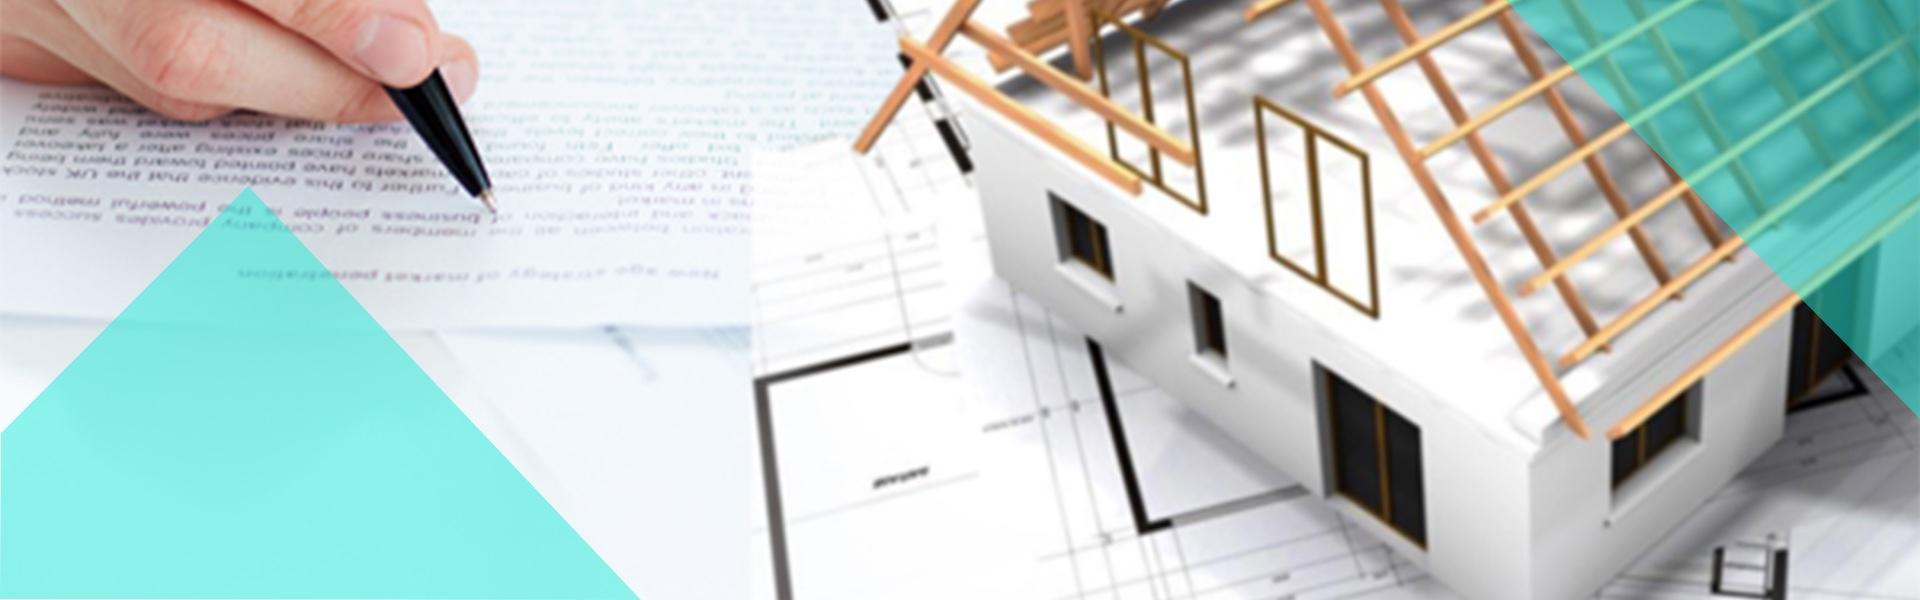 院校装配式建筑整体解决方案服务商